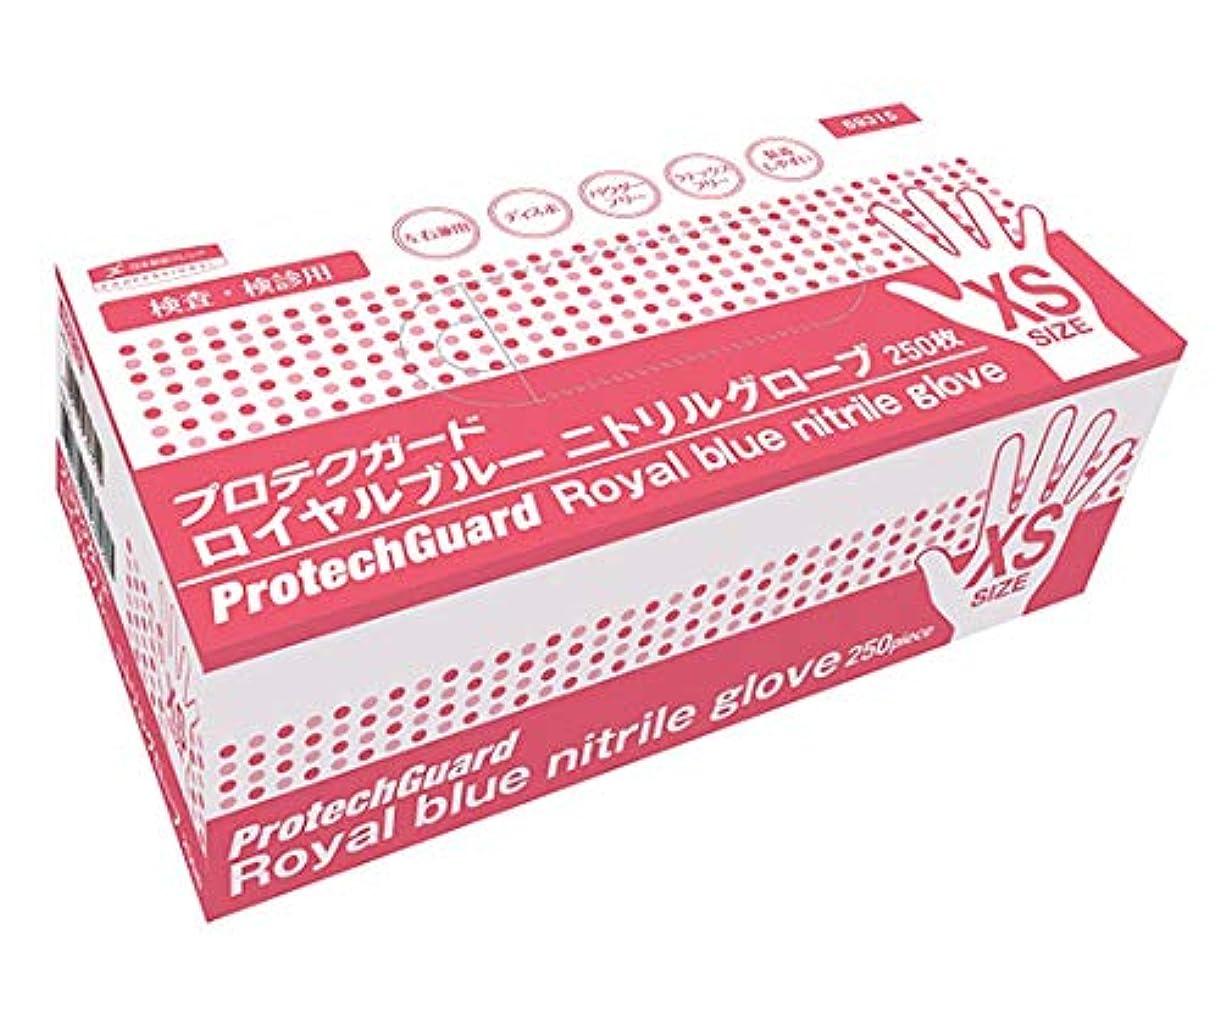 全体にマティス直感クレシア プロテクガード ロイヤルブルーニトリルグローブ XS 250枚×10箱